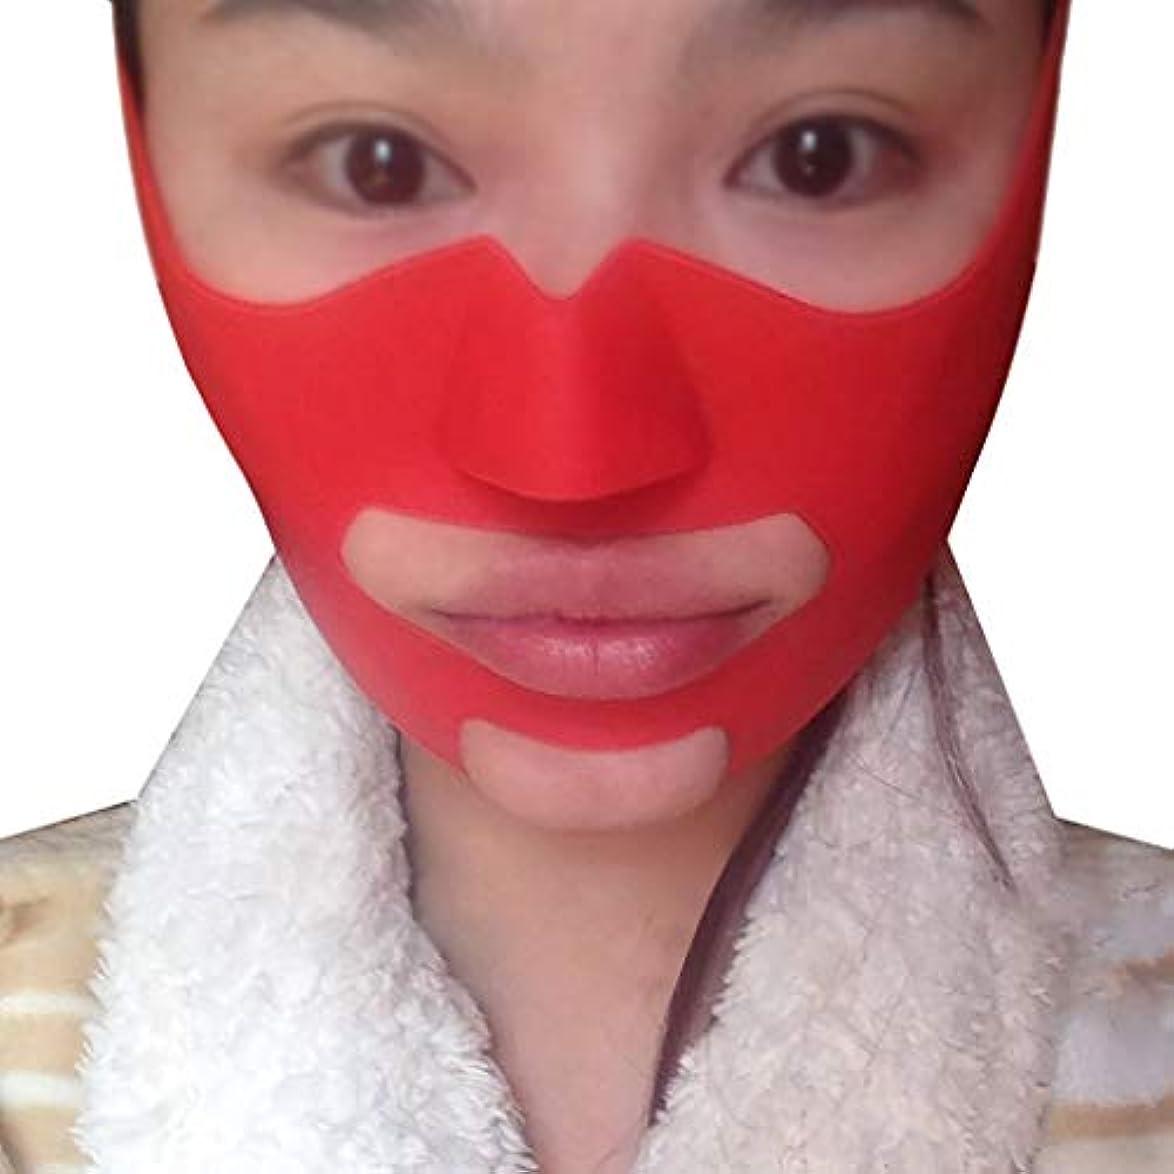 熟す魅了する受動的TLMY 薄いフェイスマスクシリコーンVマスクマスク強い痩身咬合筋肉トレーナーアップル筋肉法令パターンアーティファクト小さなVフェイス包帯薄いフェイスネックリフト 顔用整形マスク